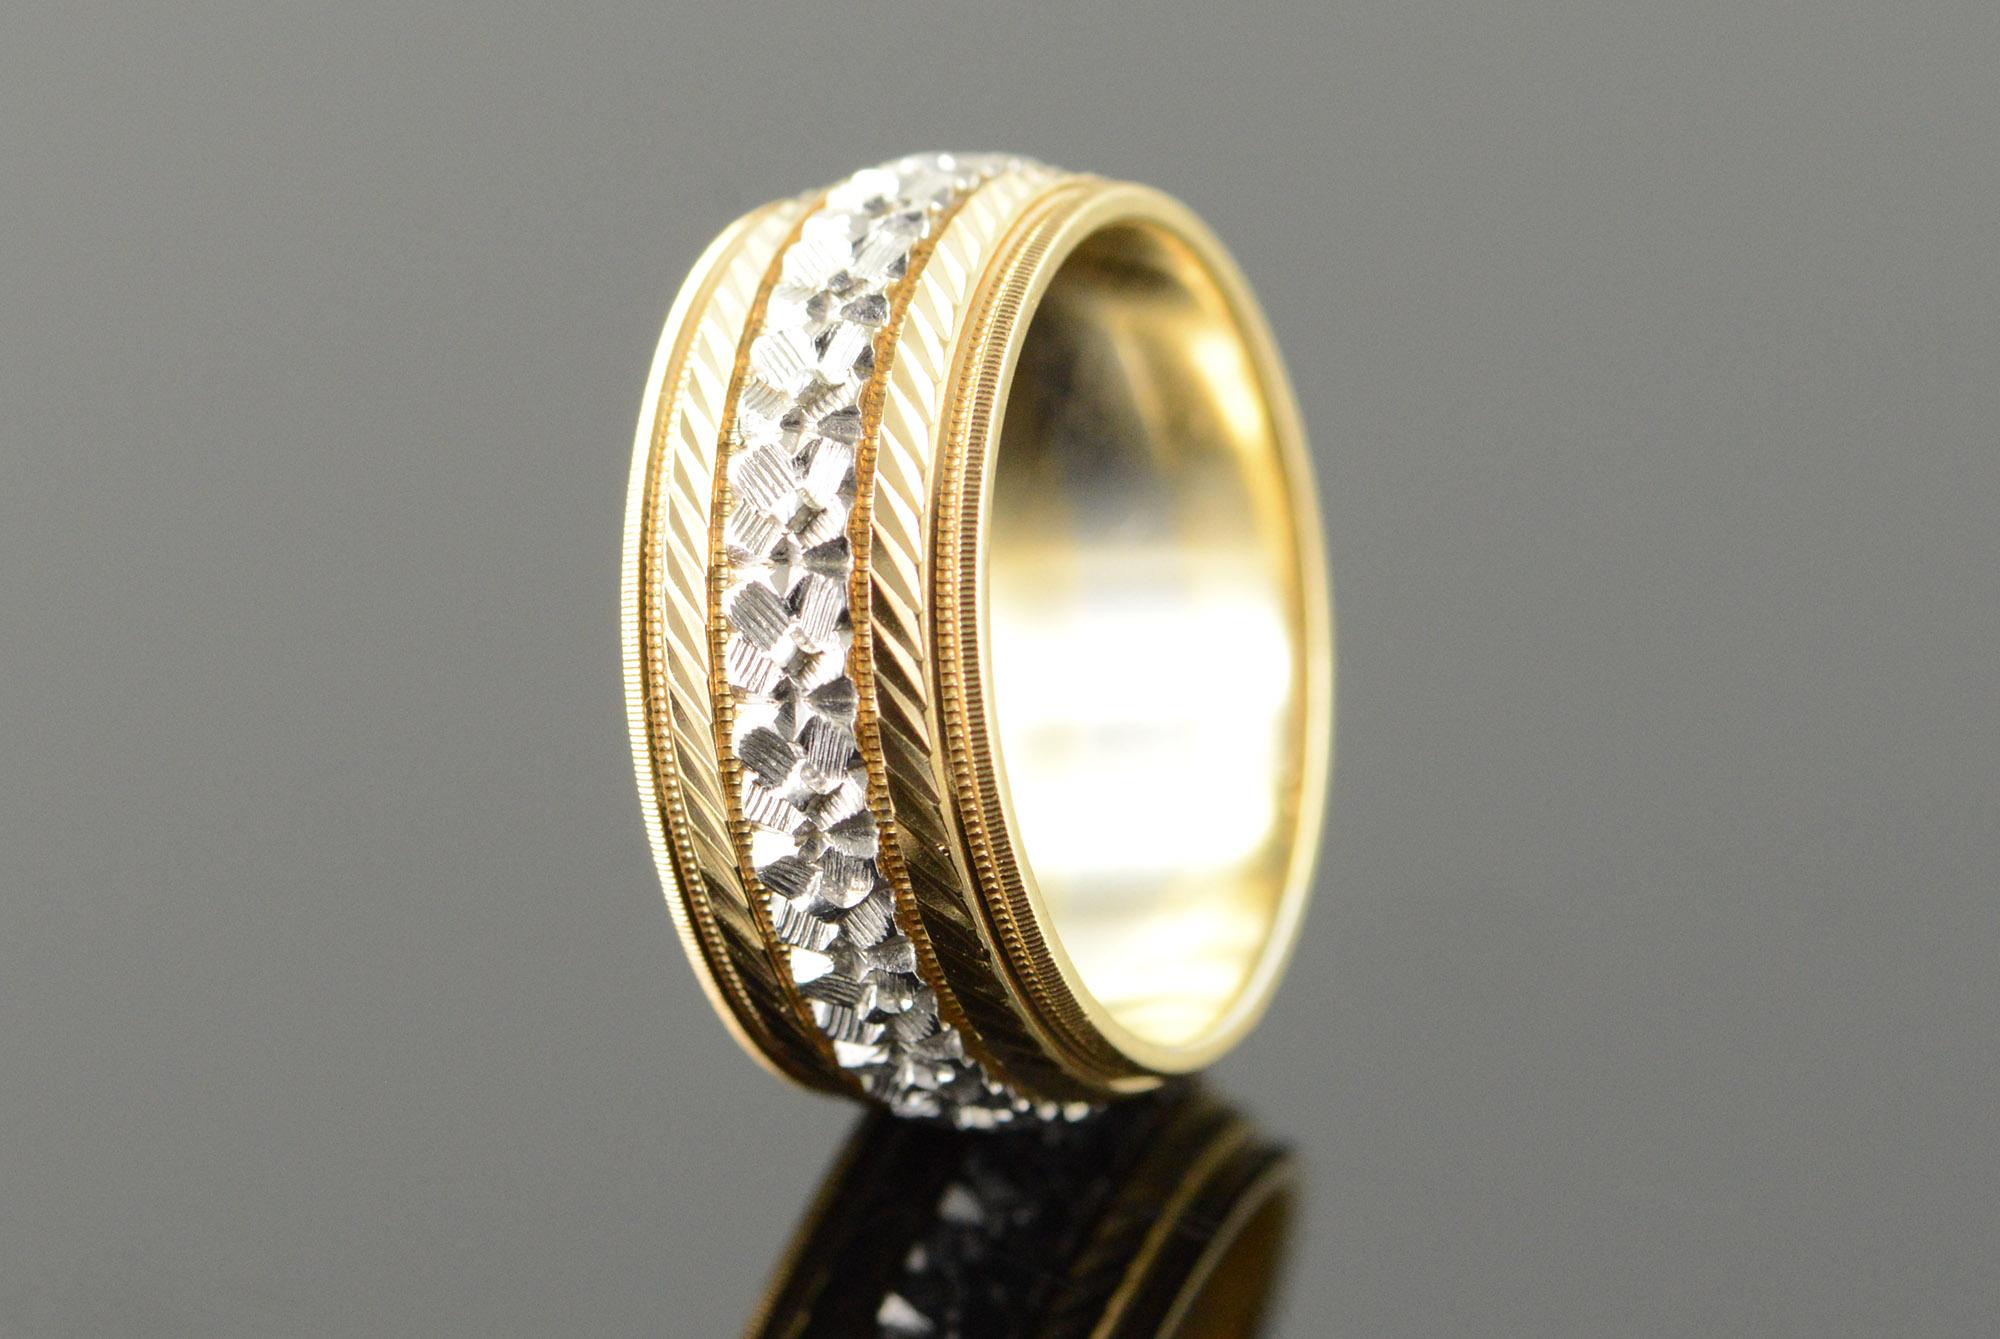 14k 6 3g Orange Blossom Two Tone 8mm Keepsake Vintage Wedding Band Yellow Gold Ring Size 25